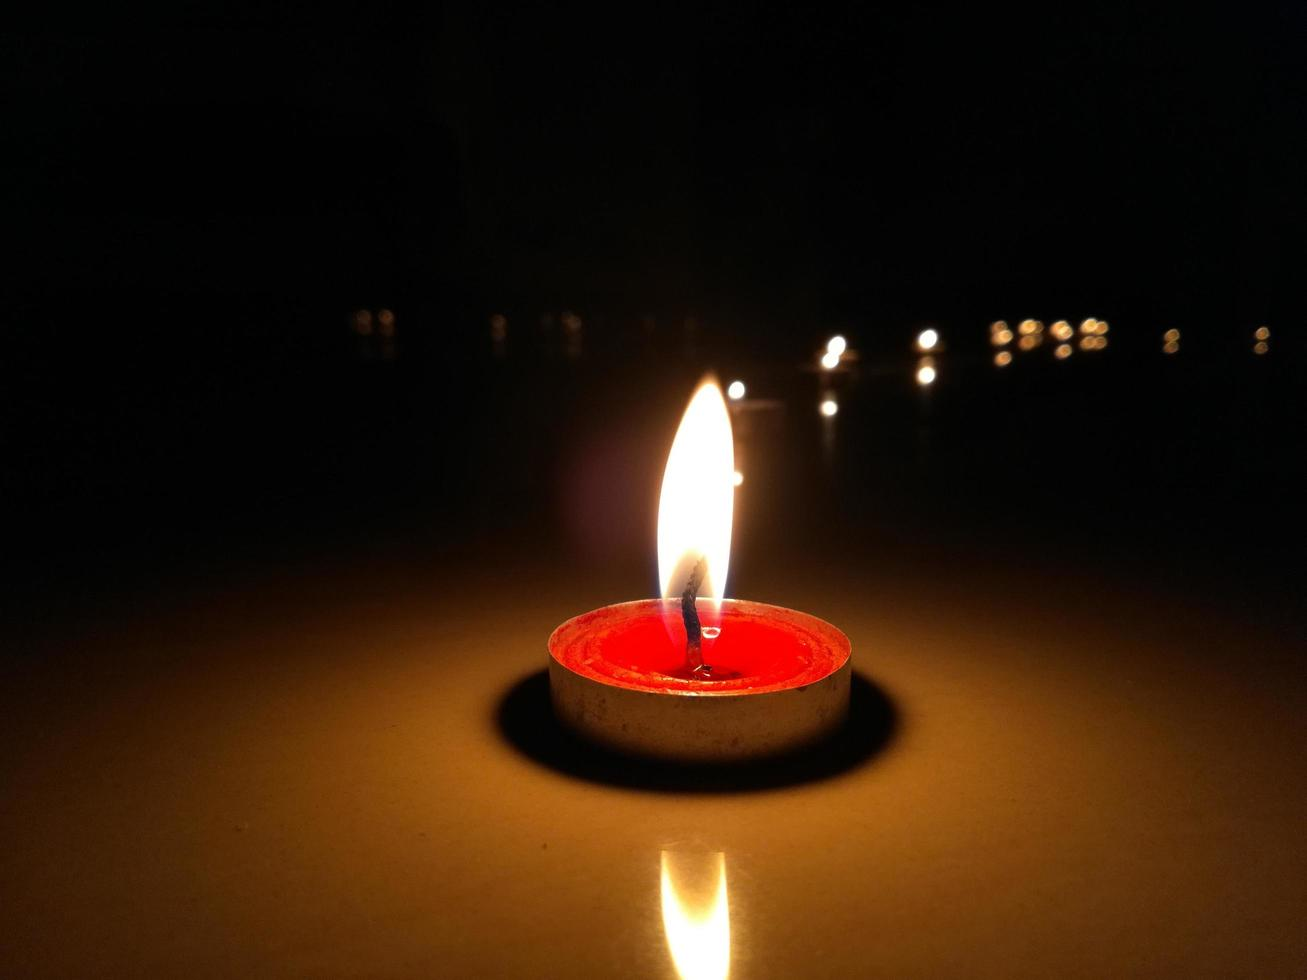 kleine rote Kerze foto